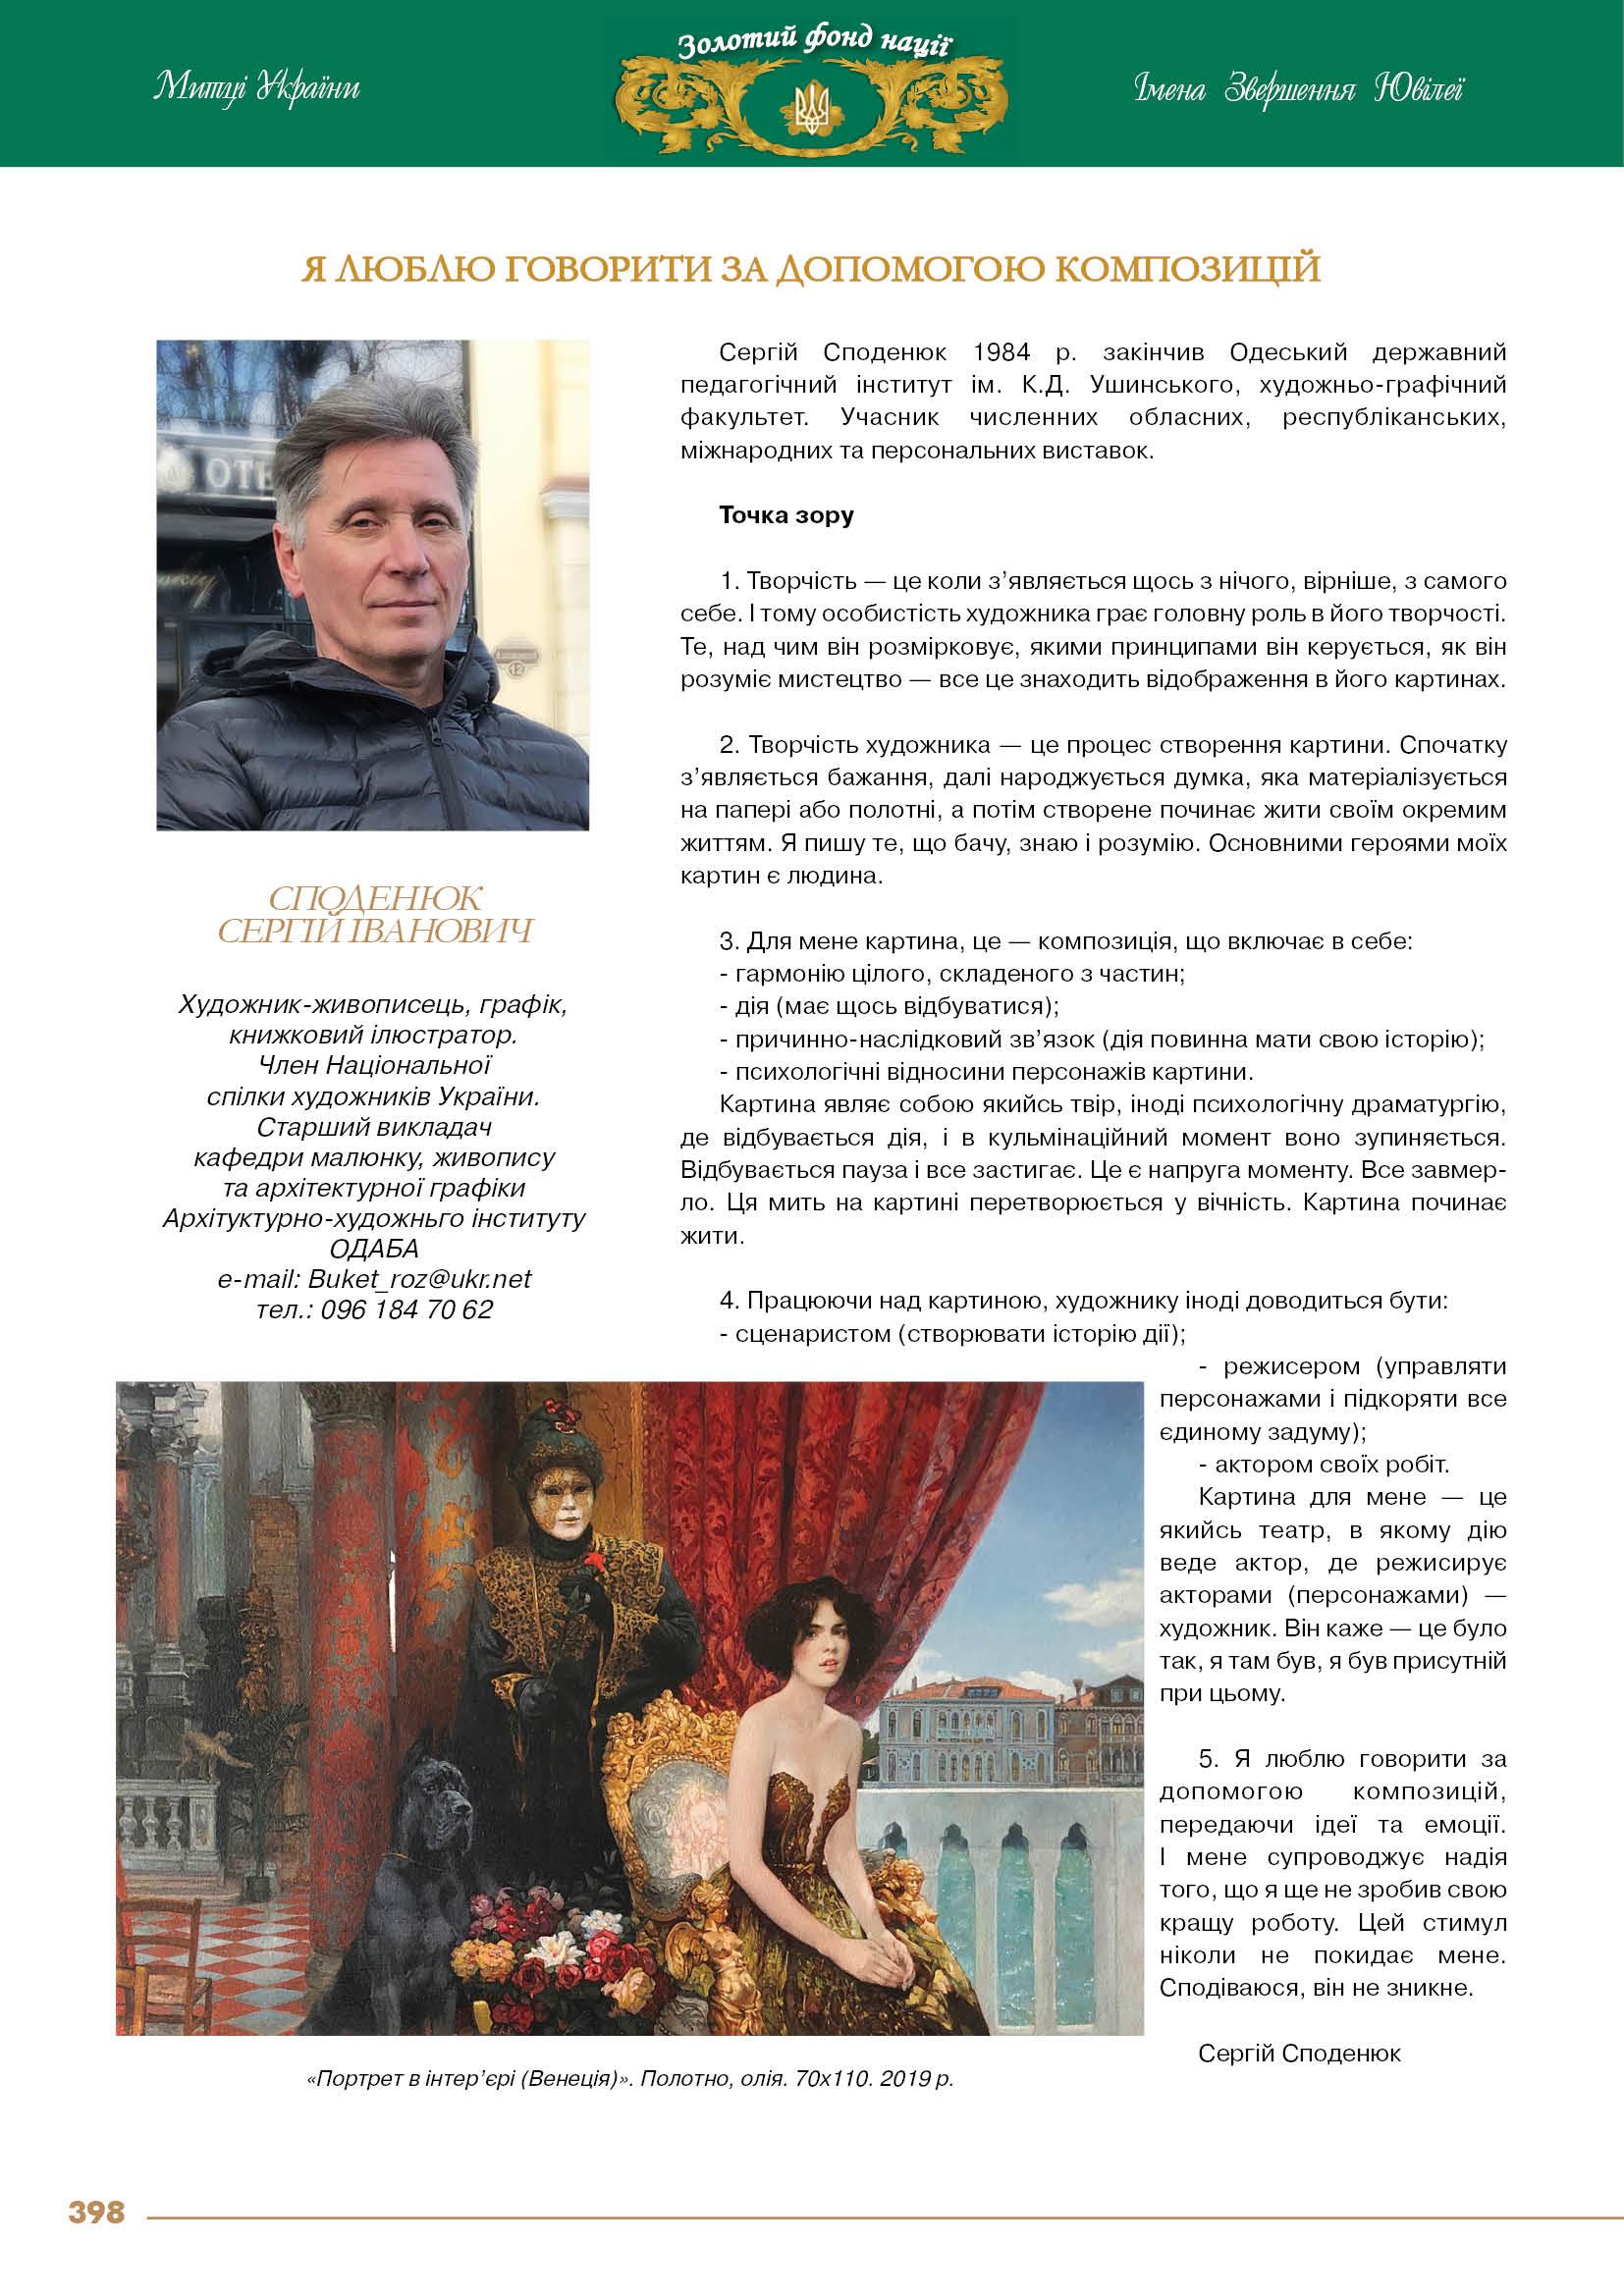 Споденюк Сергій Іванович